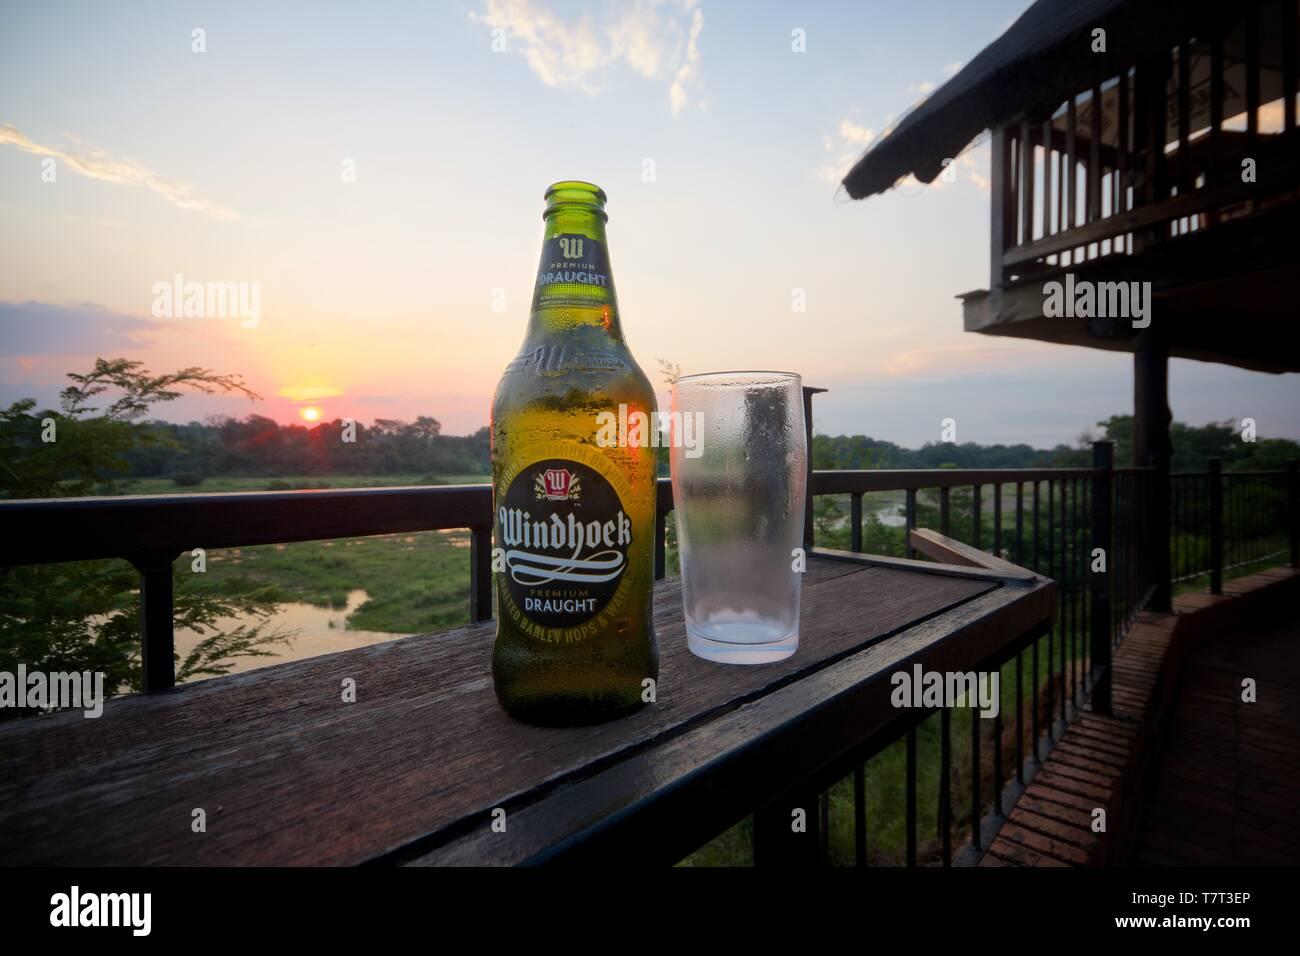 A bottle of cold Windhoek Draught beer, overlooking Crocodile river, Kruger Park. - Stock Image